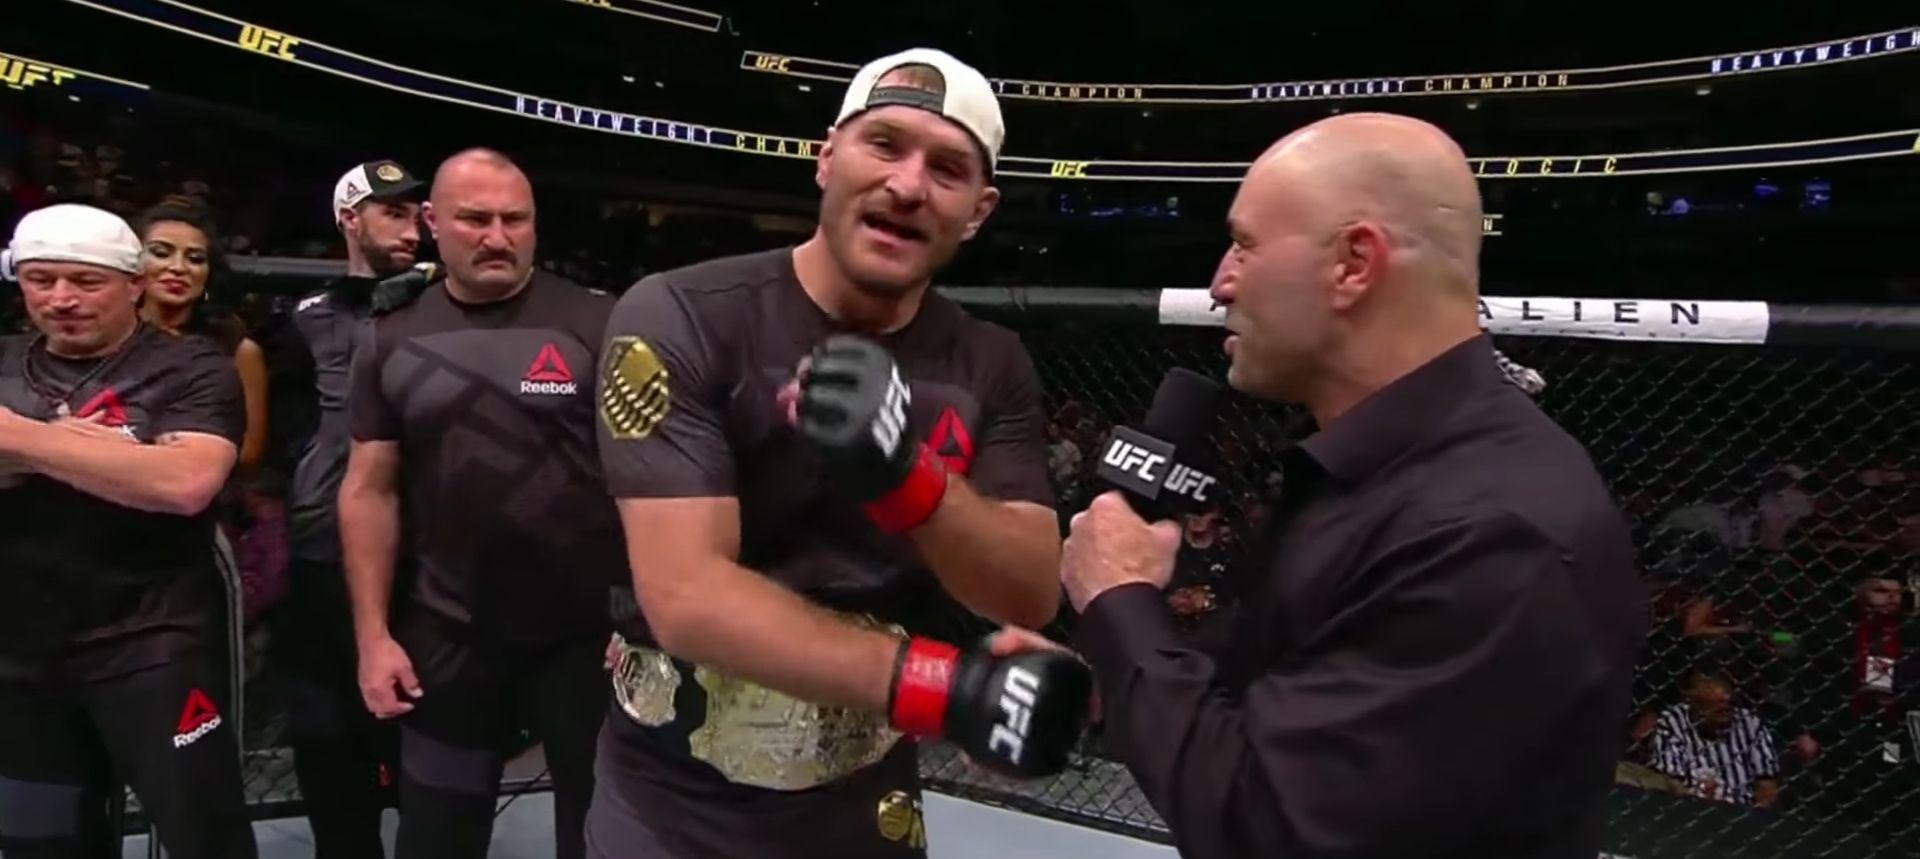 VIDEO: OBRANIO NASLOV UFC PRVAKA Povijesna pobjeda Stipe Miočića